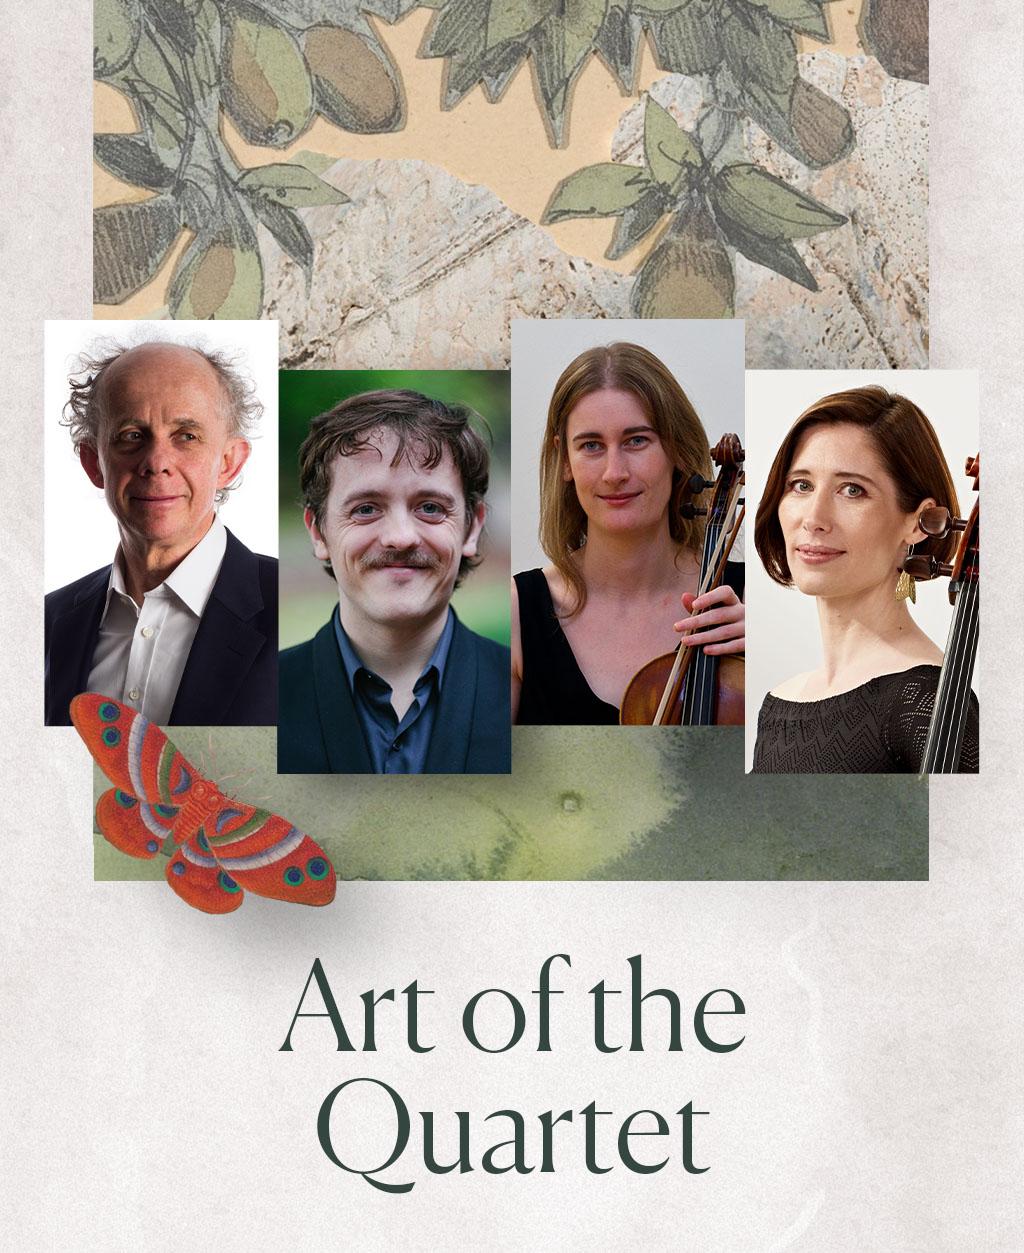 Art of the Quartet